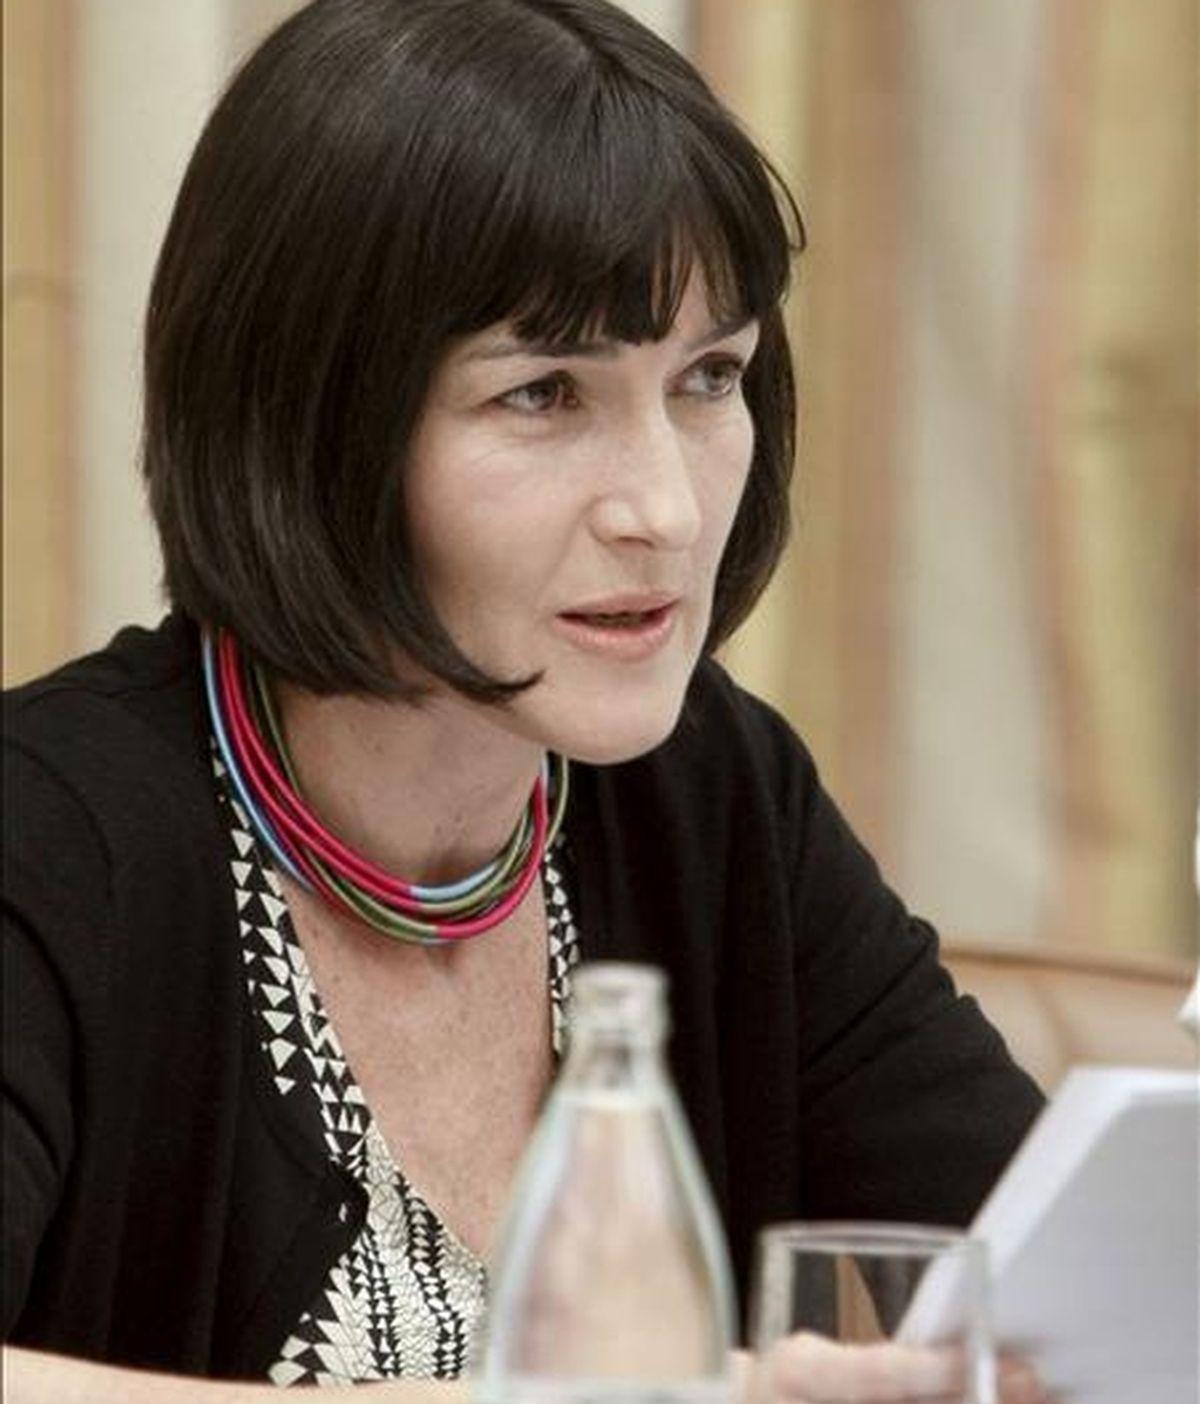 La ministra de Cultura, Ángeles González-Sinde, durante su comparecencia en la Comisión de Cultura del Congreso el 28 de mayo, en Madrid. EFE